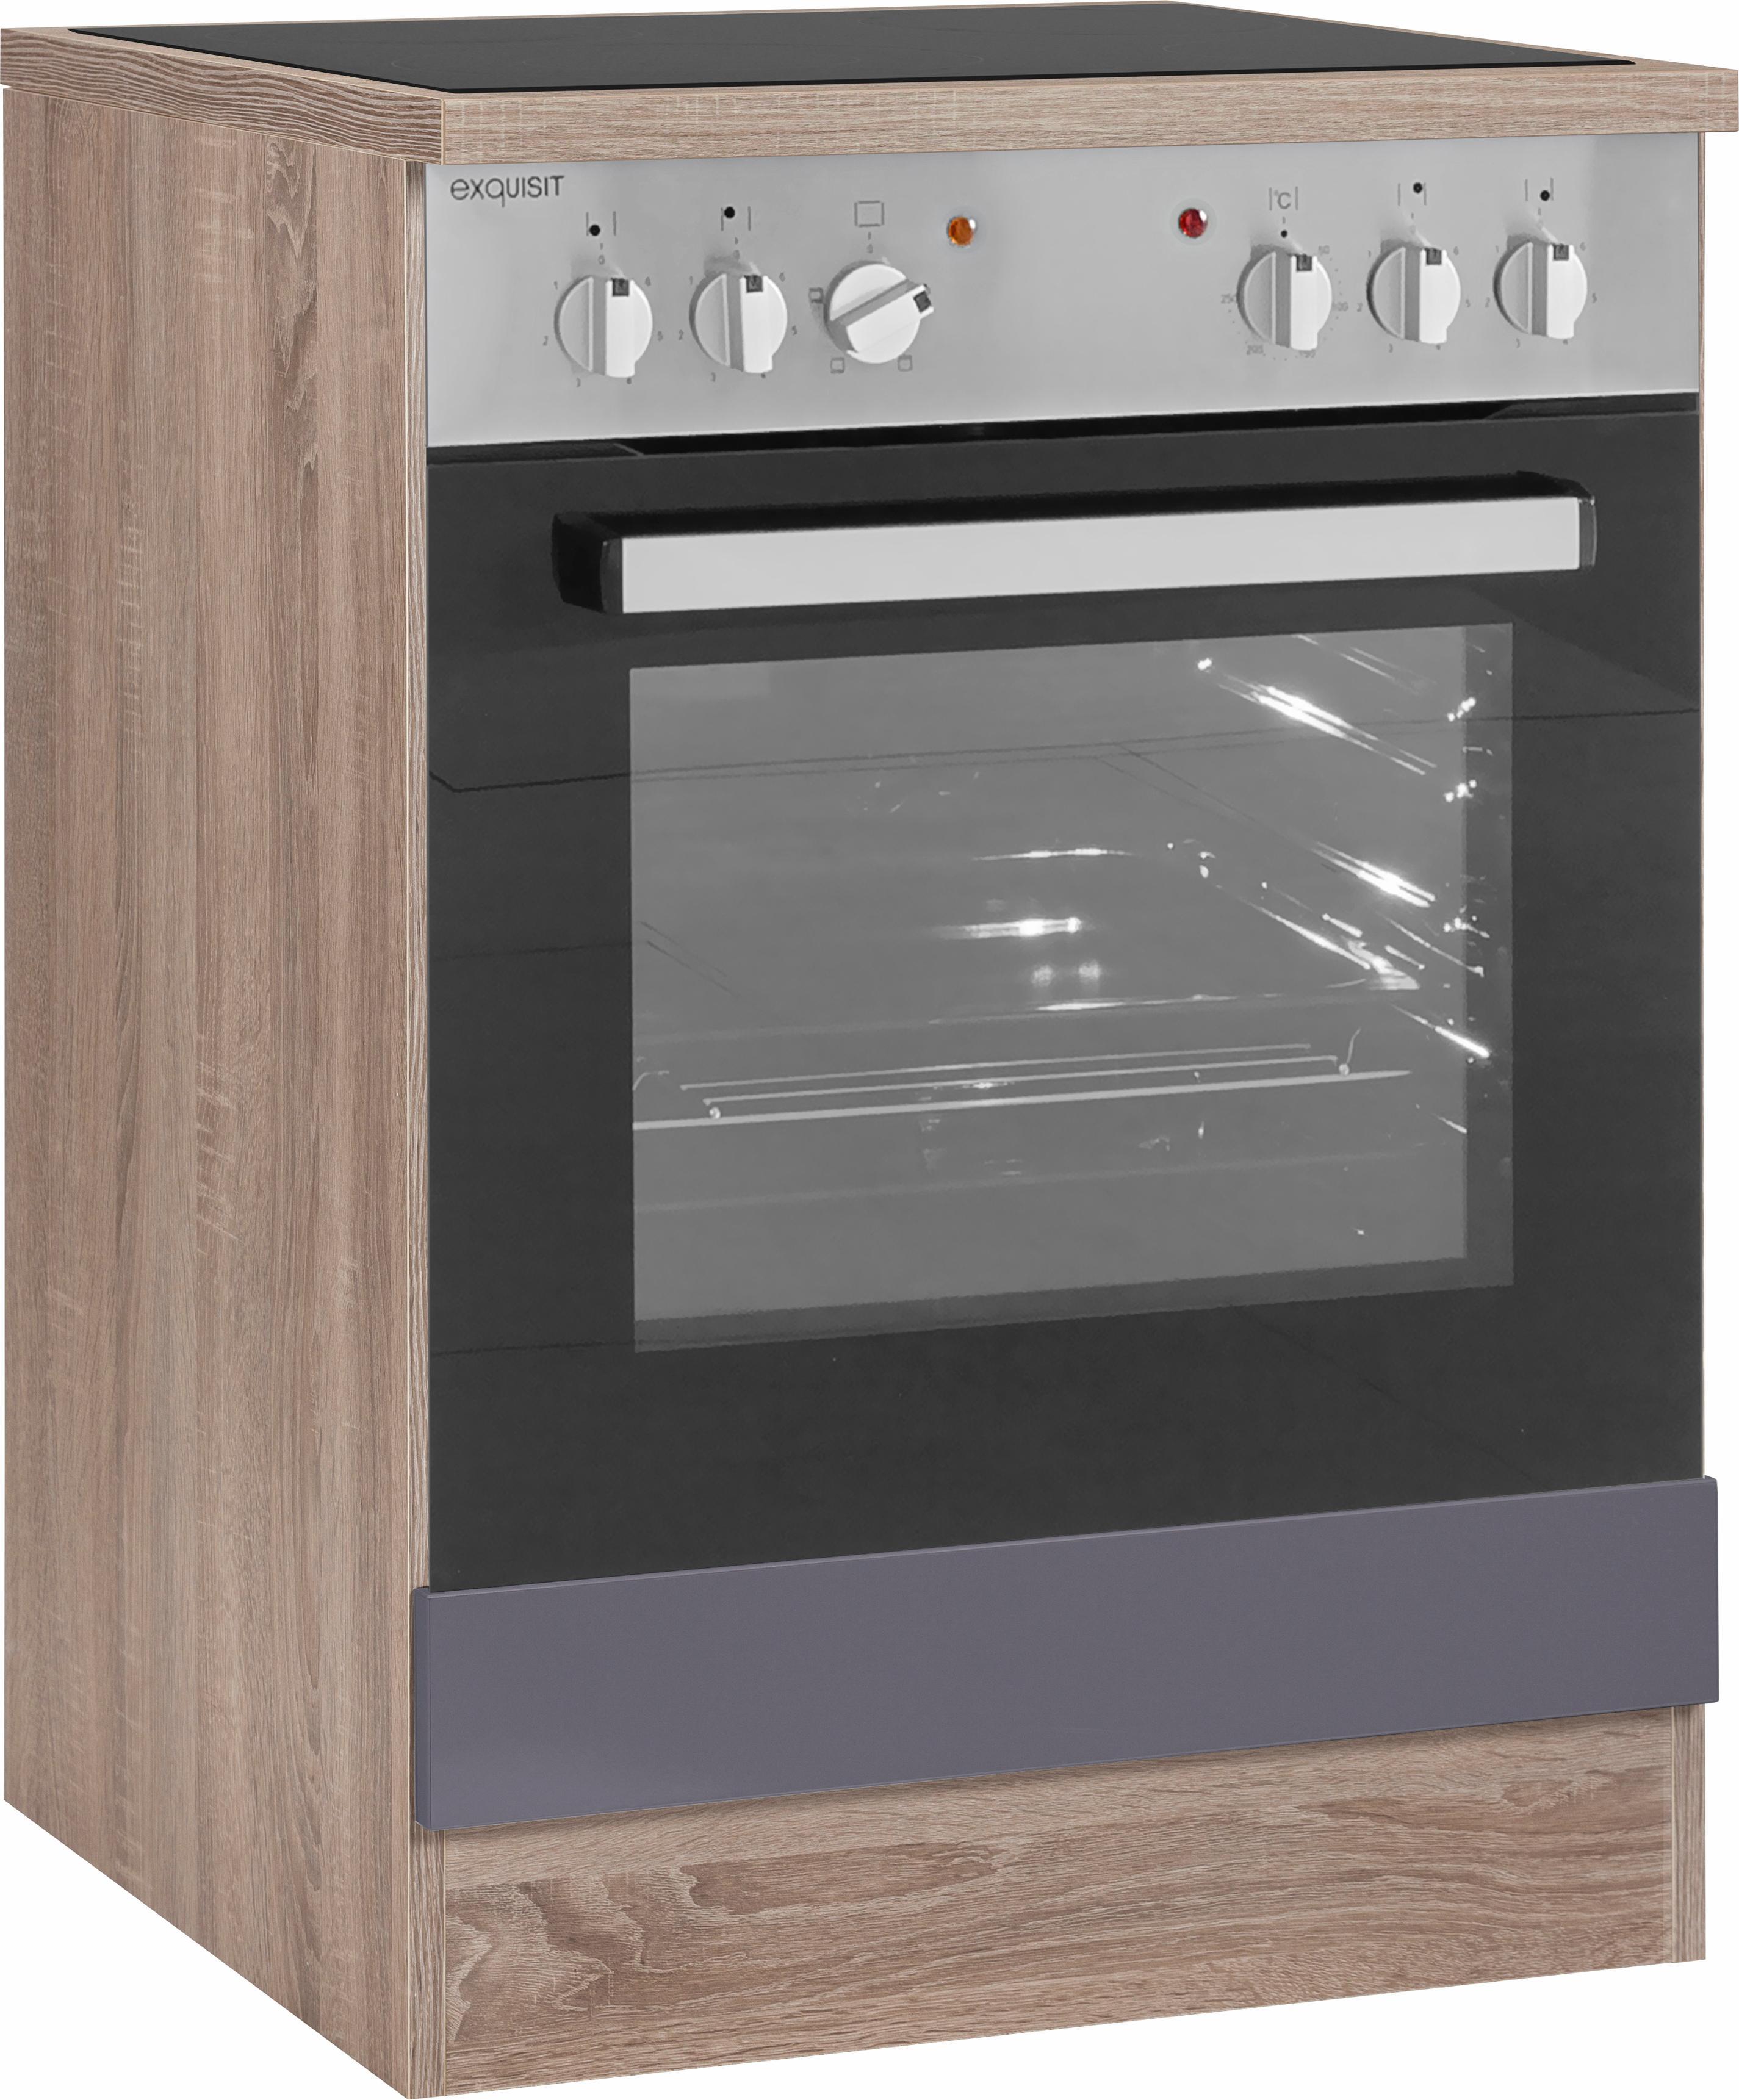 OPTIFIT Herdumbauschrank »Korfu« | Küche und Esszimmer | Grau | Edelstahl - Eiche - Melamin | OPTIFIT